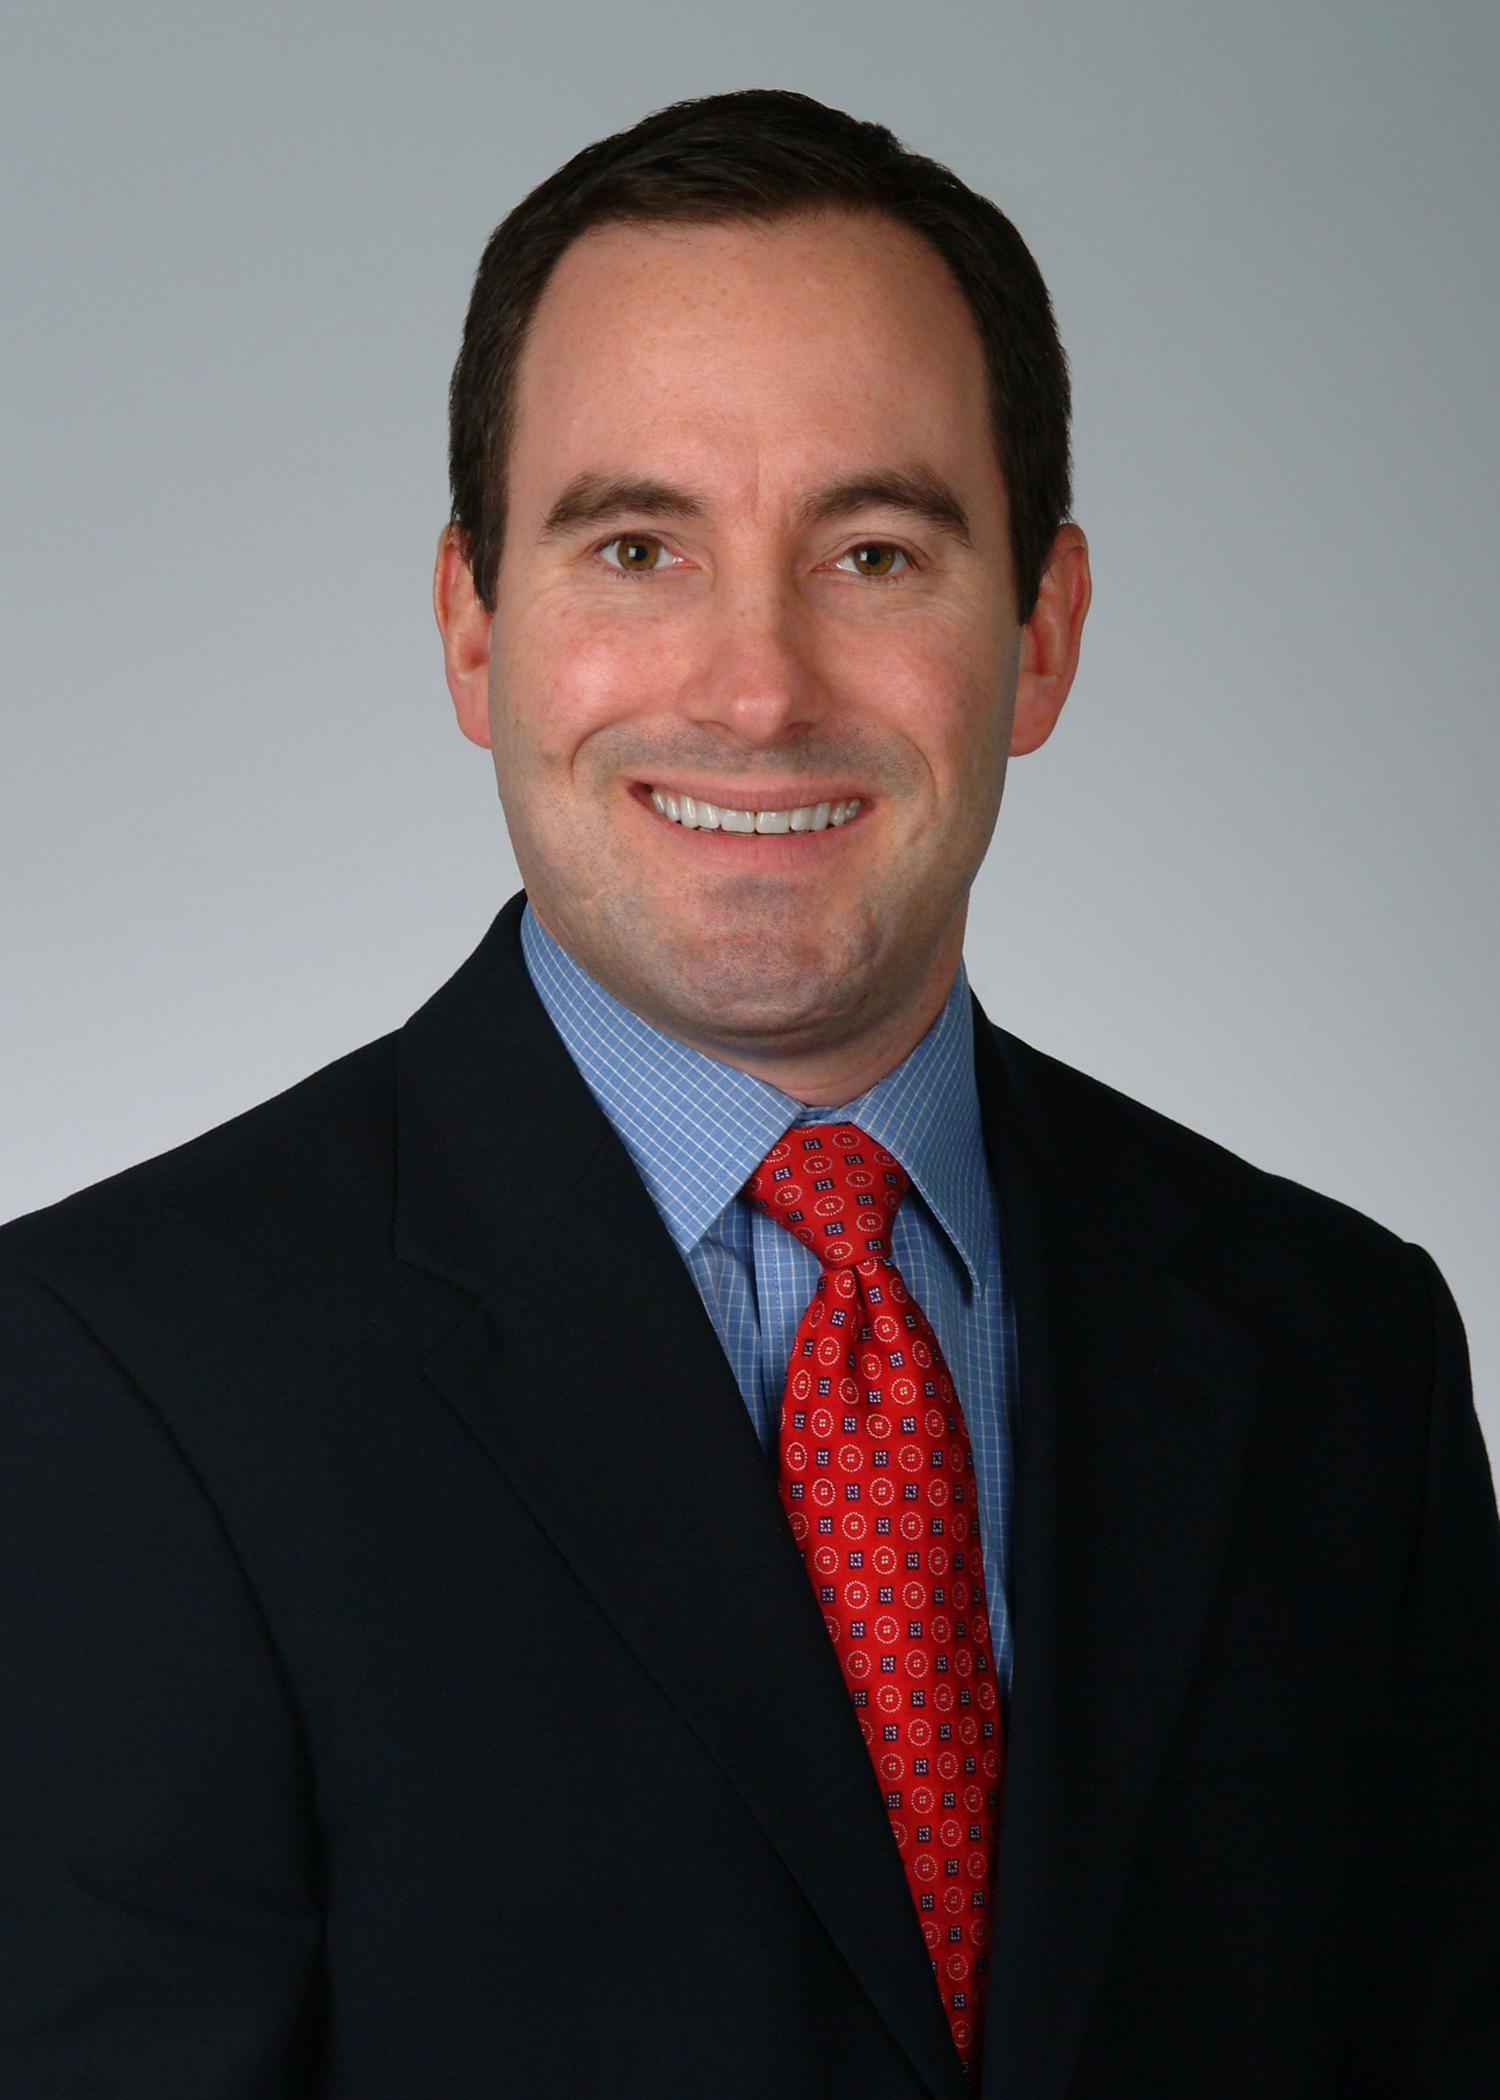 Kevin O Delaney MD